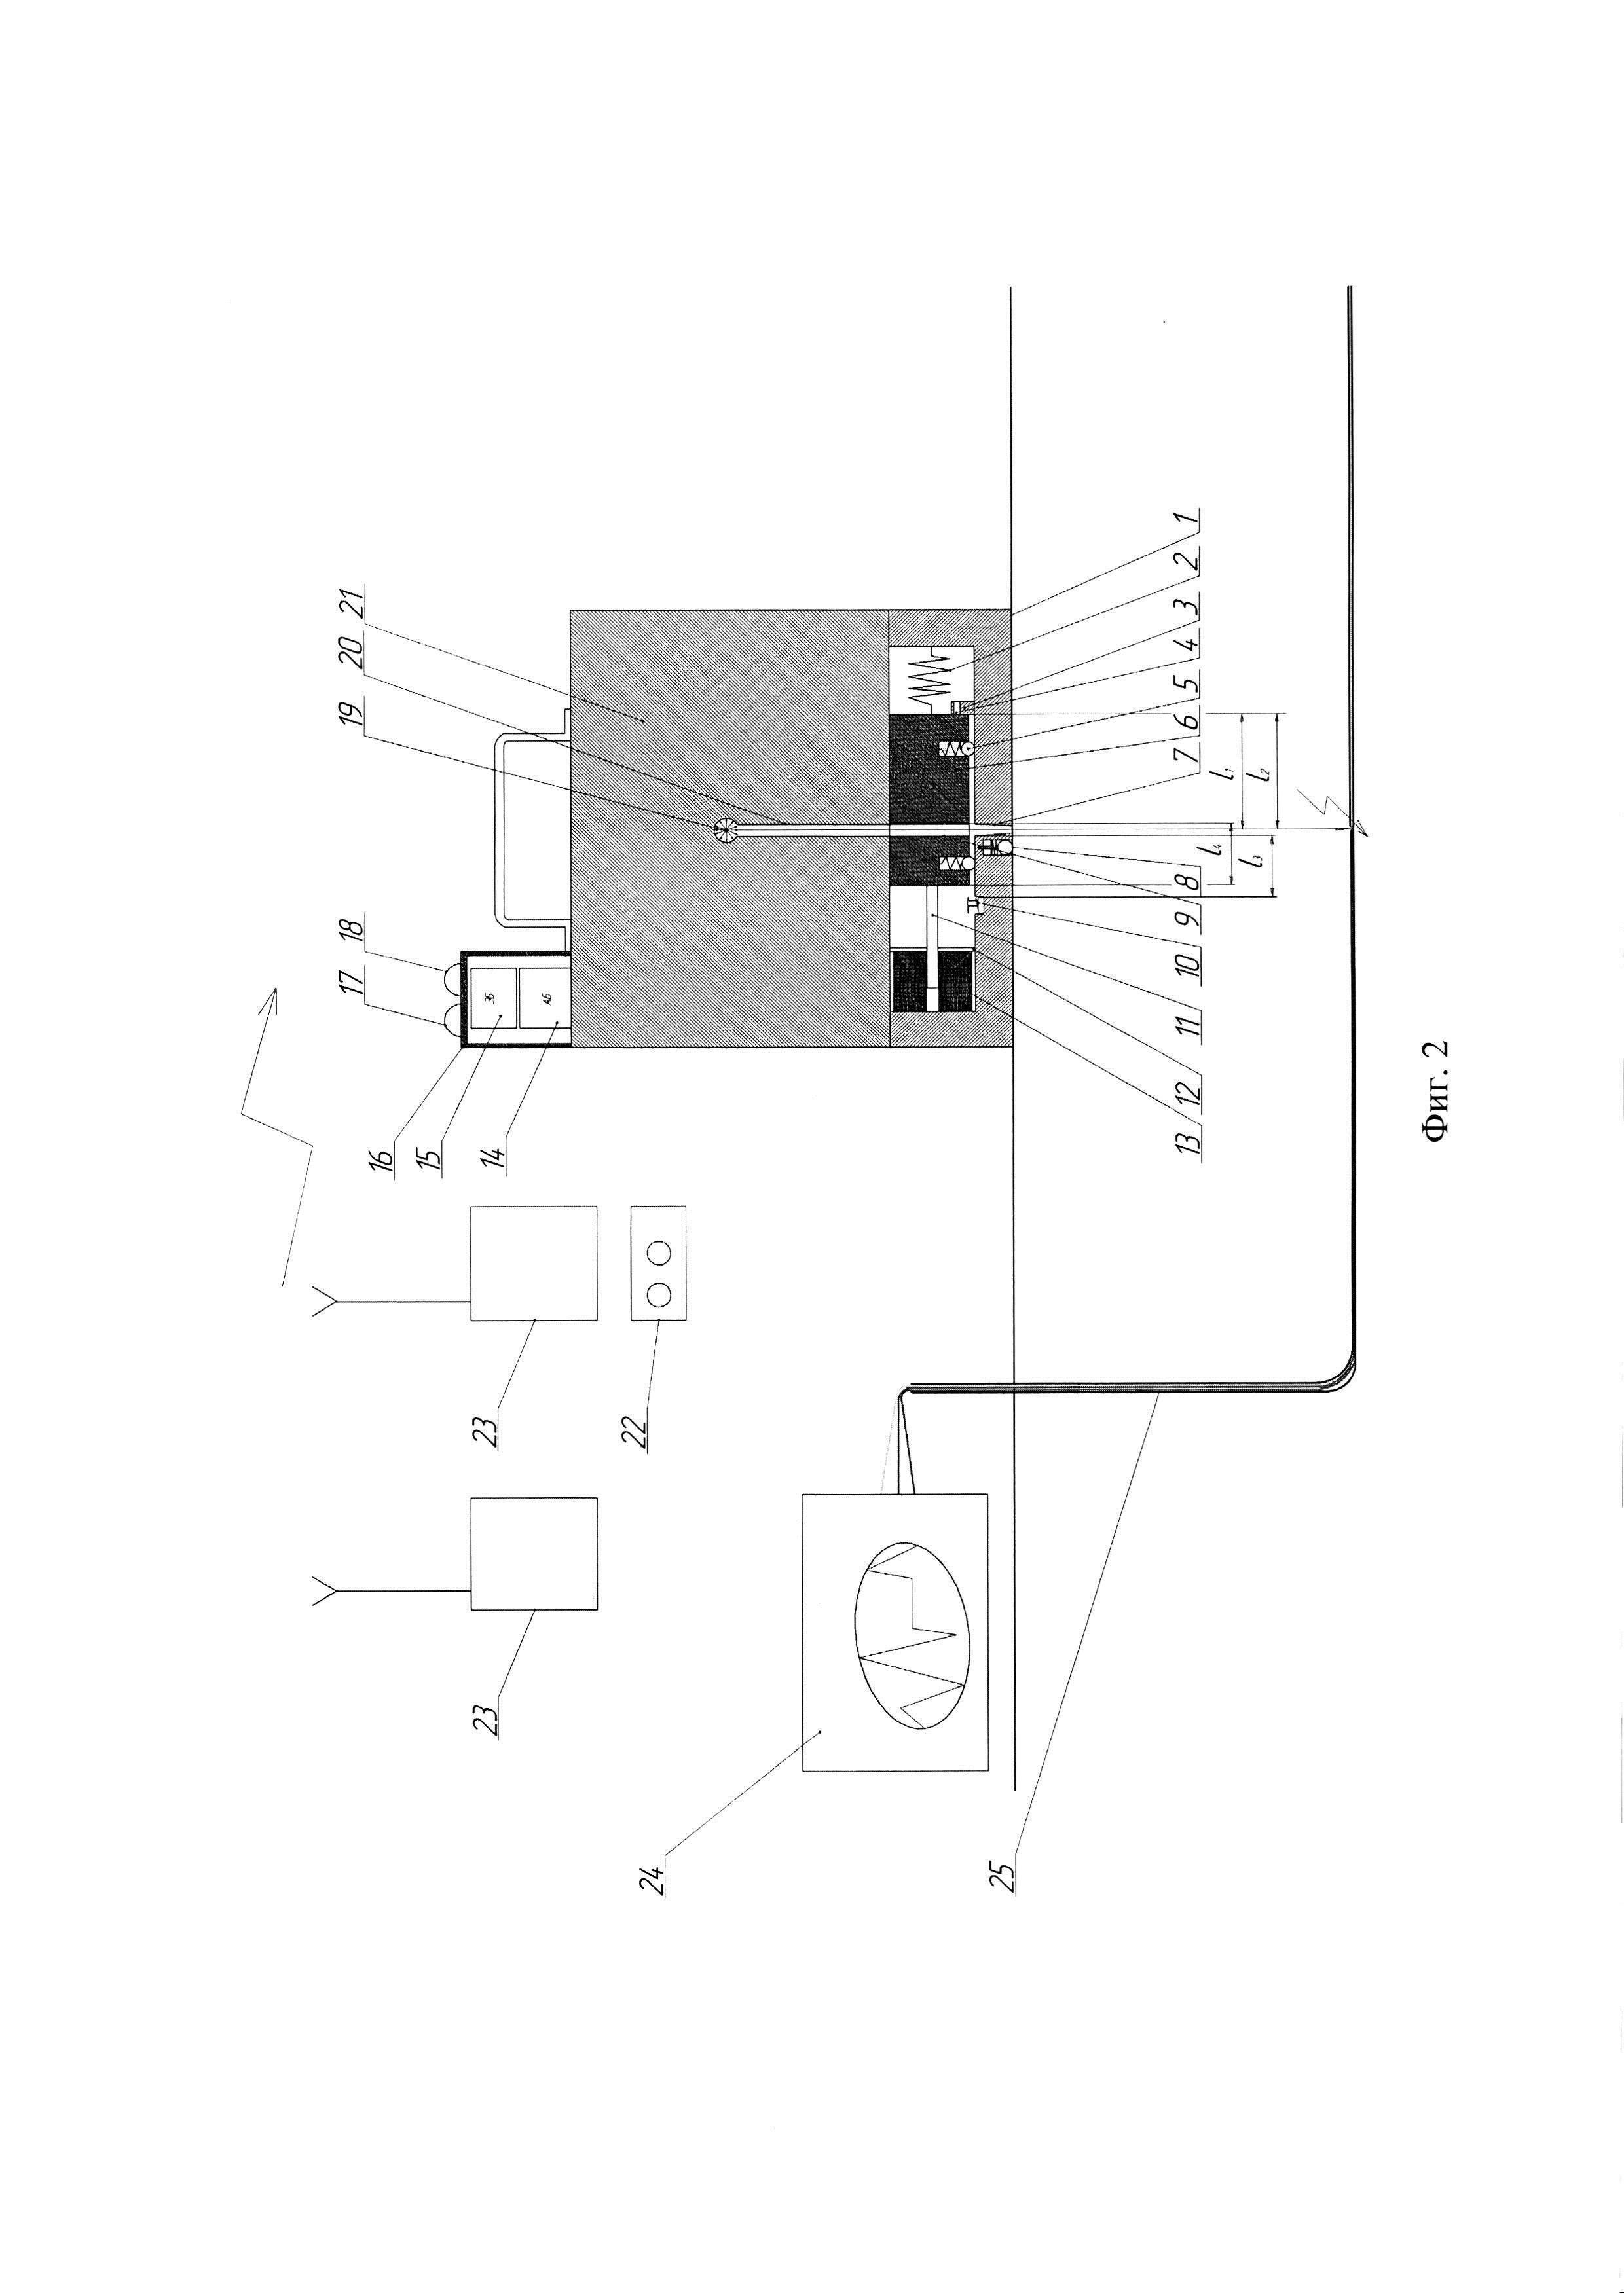 Устройство для определения места повреждения кабеля